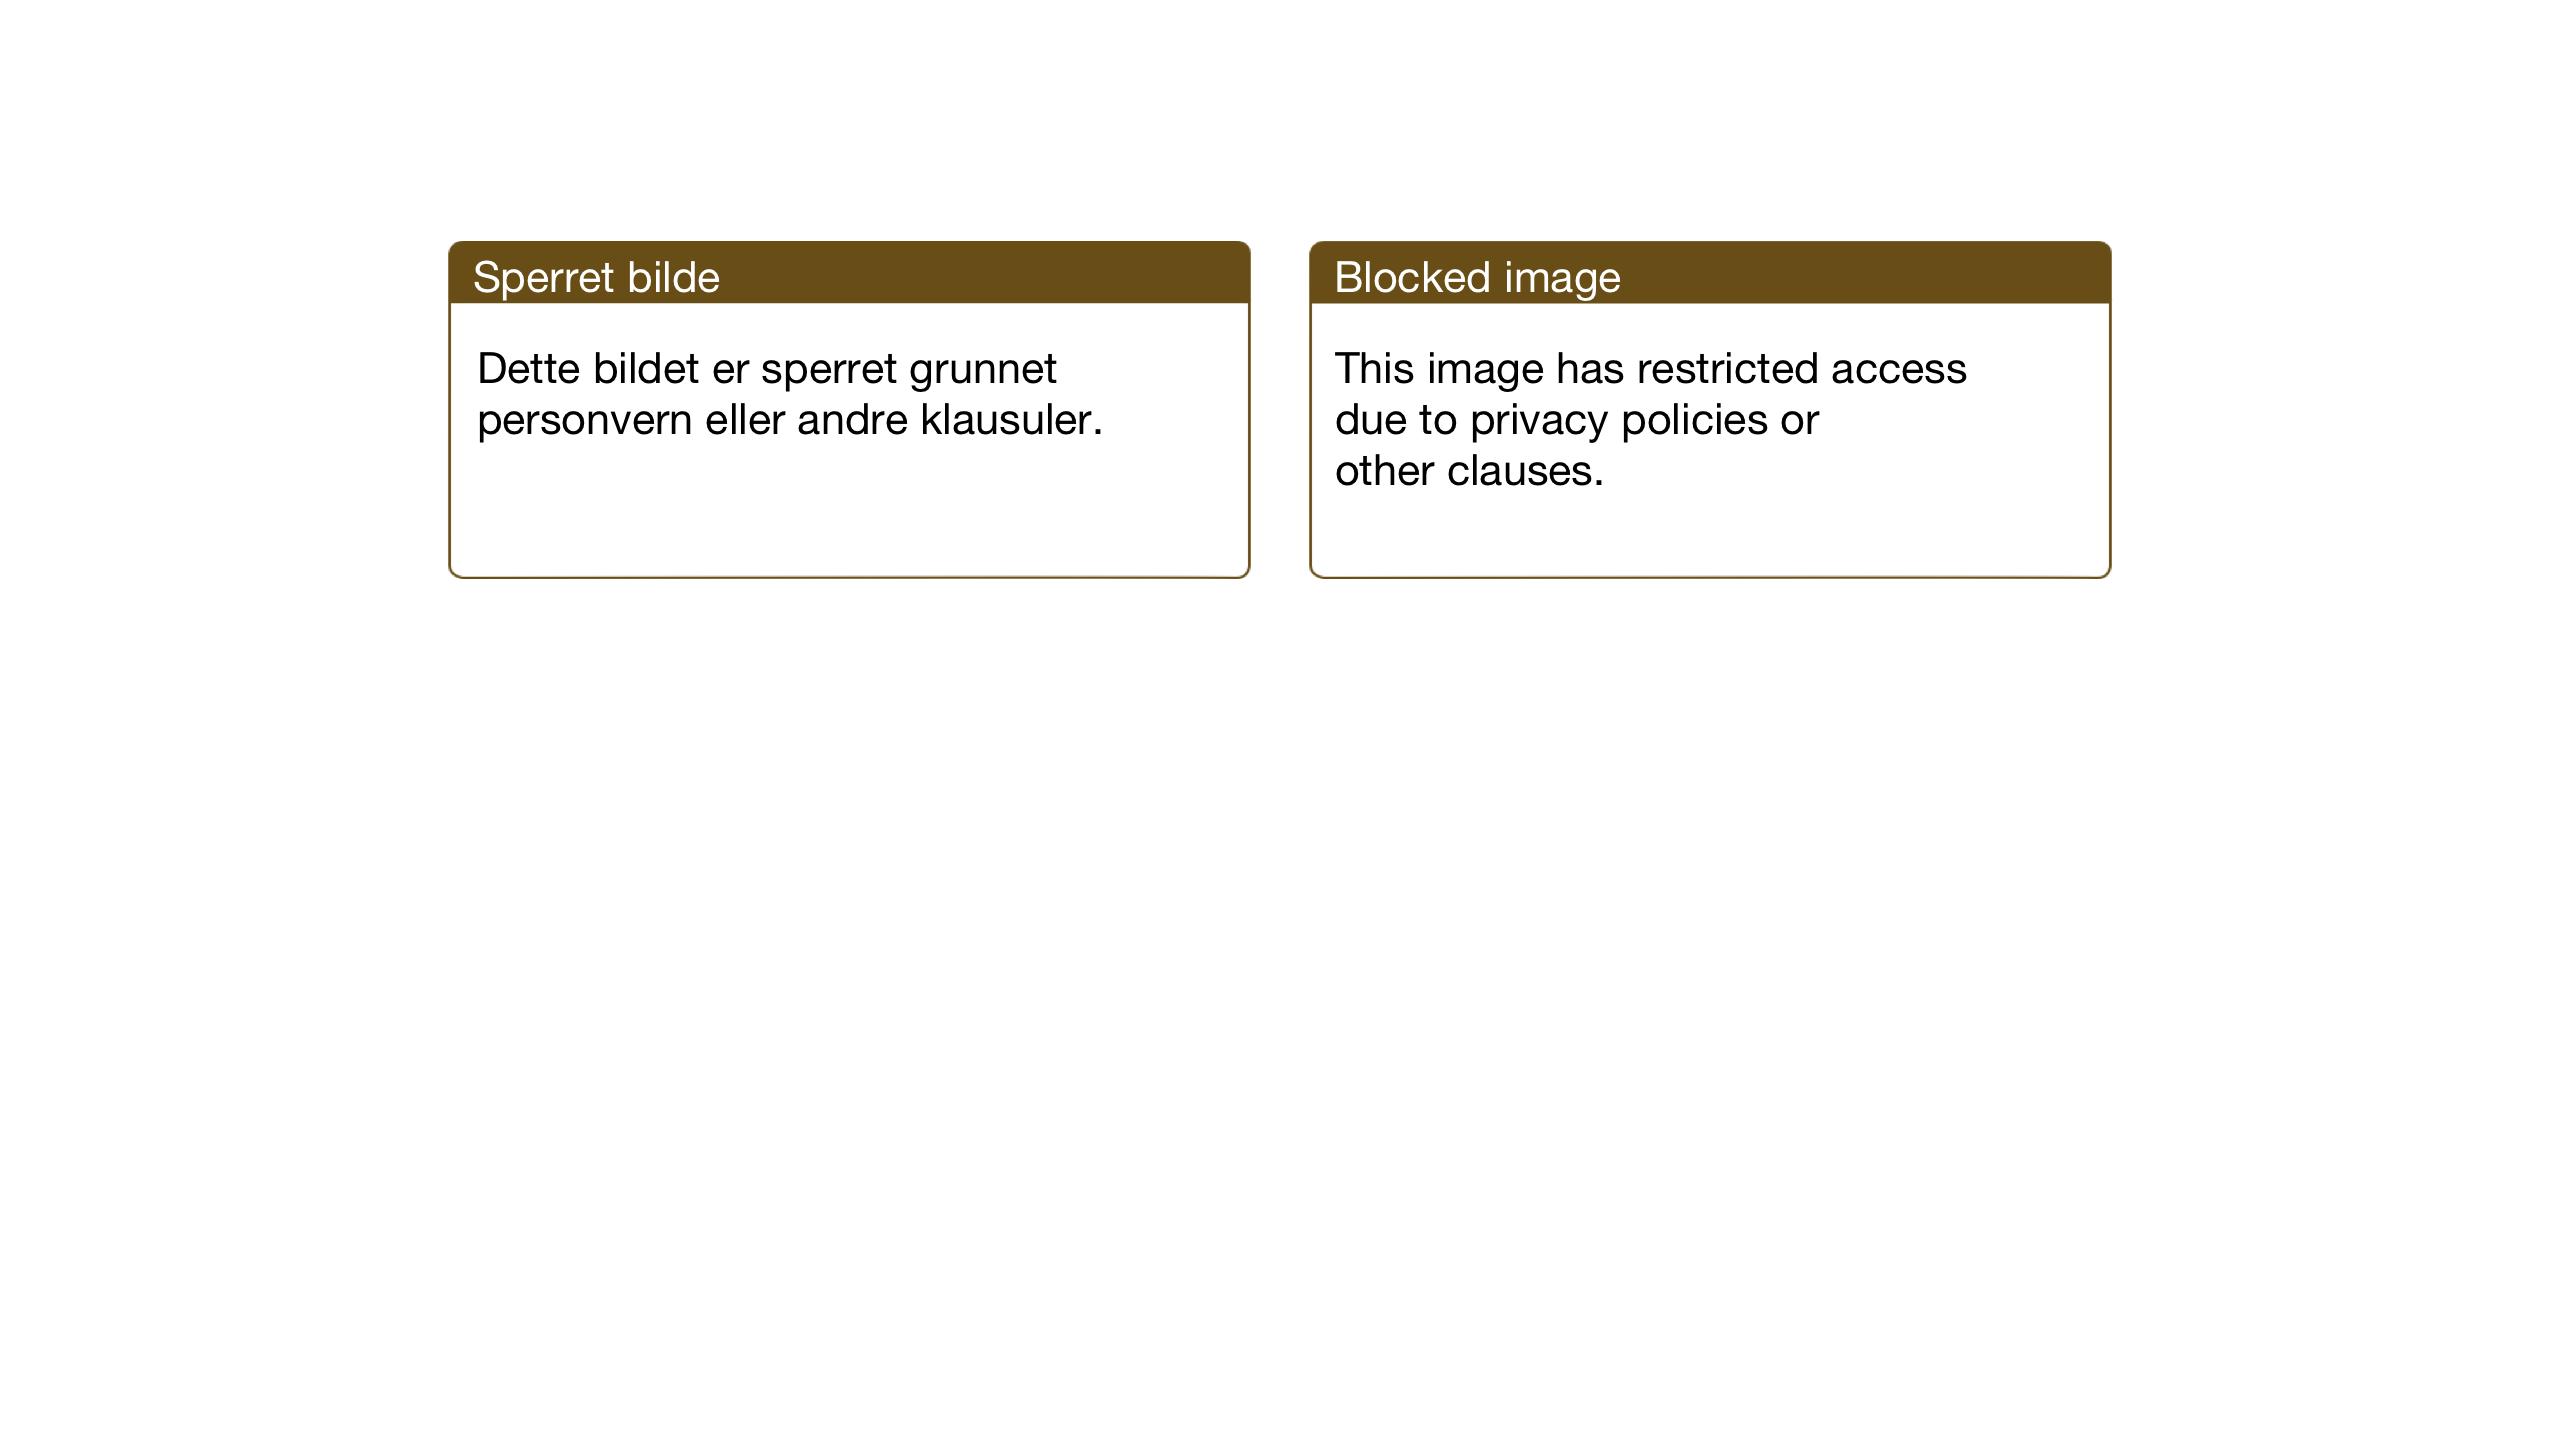 SAT, Ministerialprotokoller, klokkerbøker og fødselsregistre - Nord-Trøndelag, 733/L0328: Klokkerbok nr. 733C03, 1919-1966, s. 29